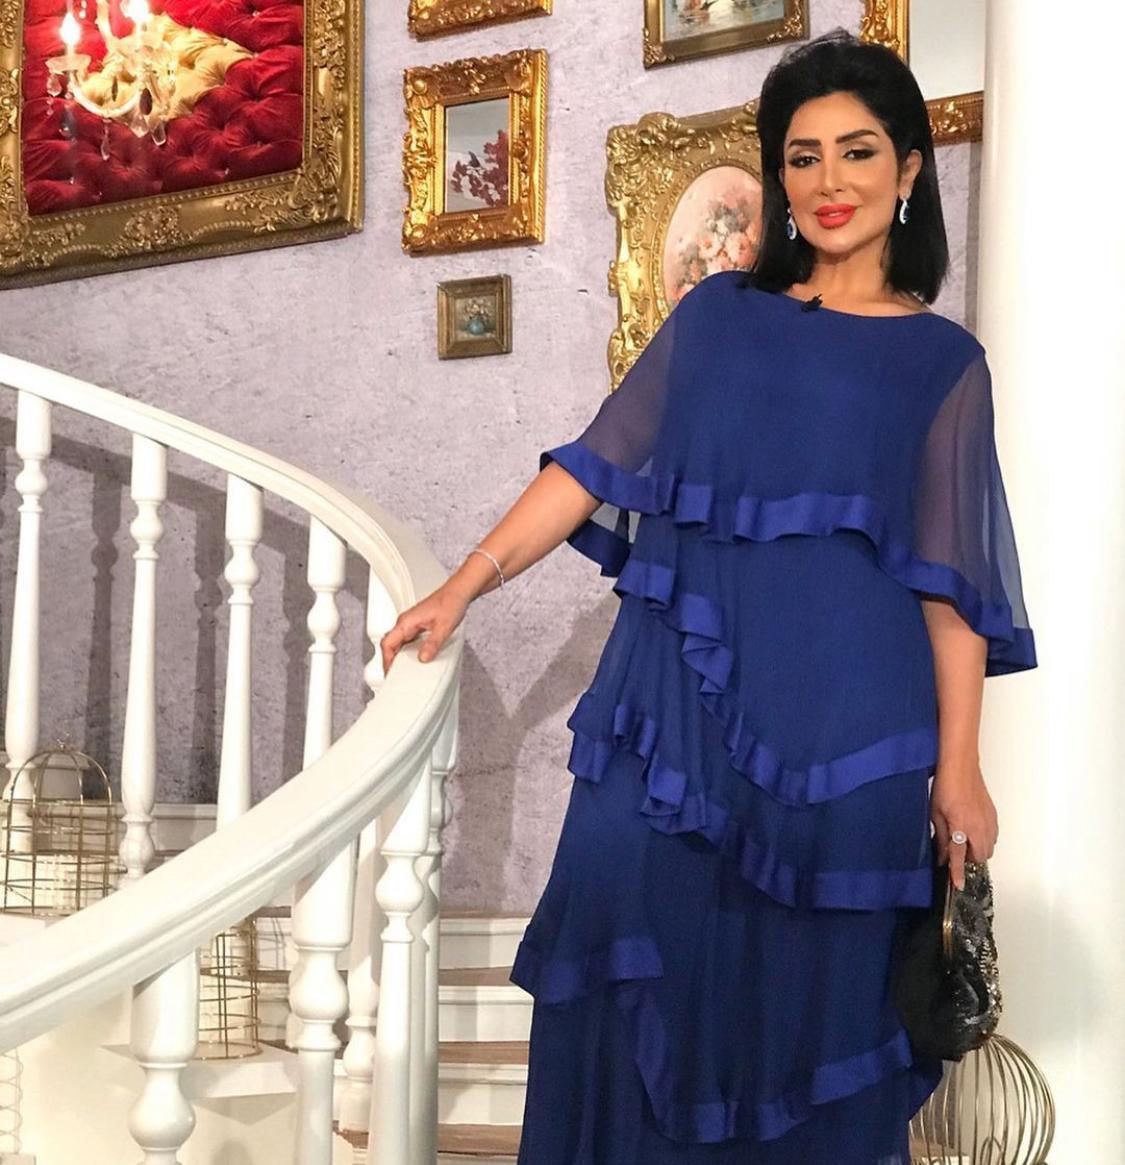 هدى حمدان بأزياء داكنة من الأزرق لإخفاء عيوب الجسم